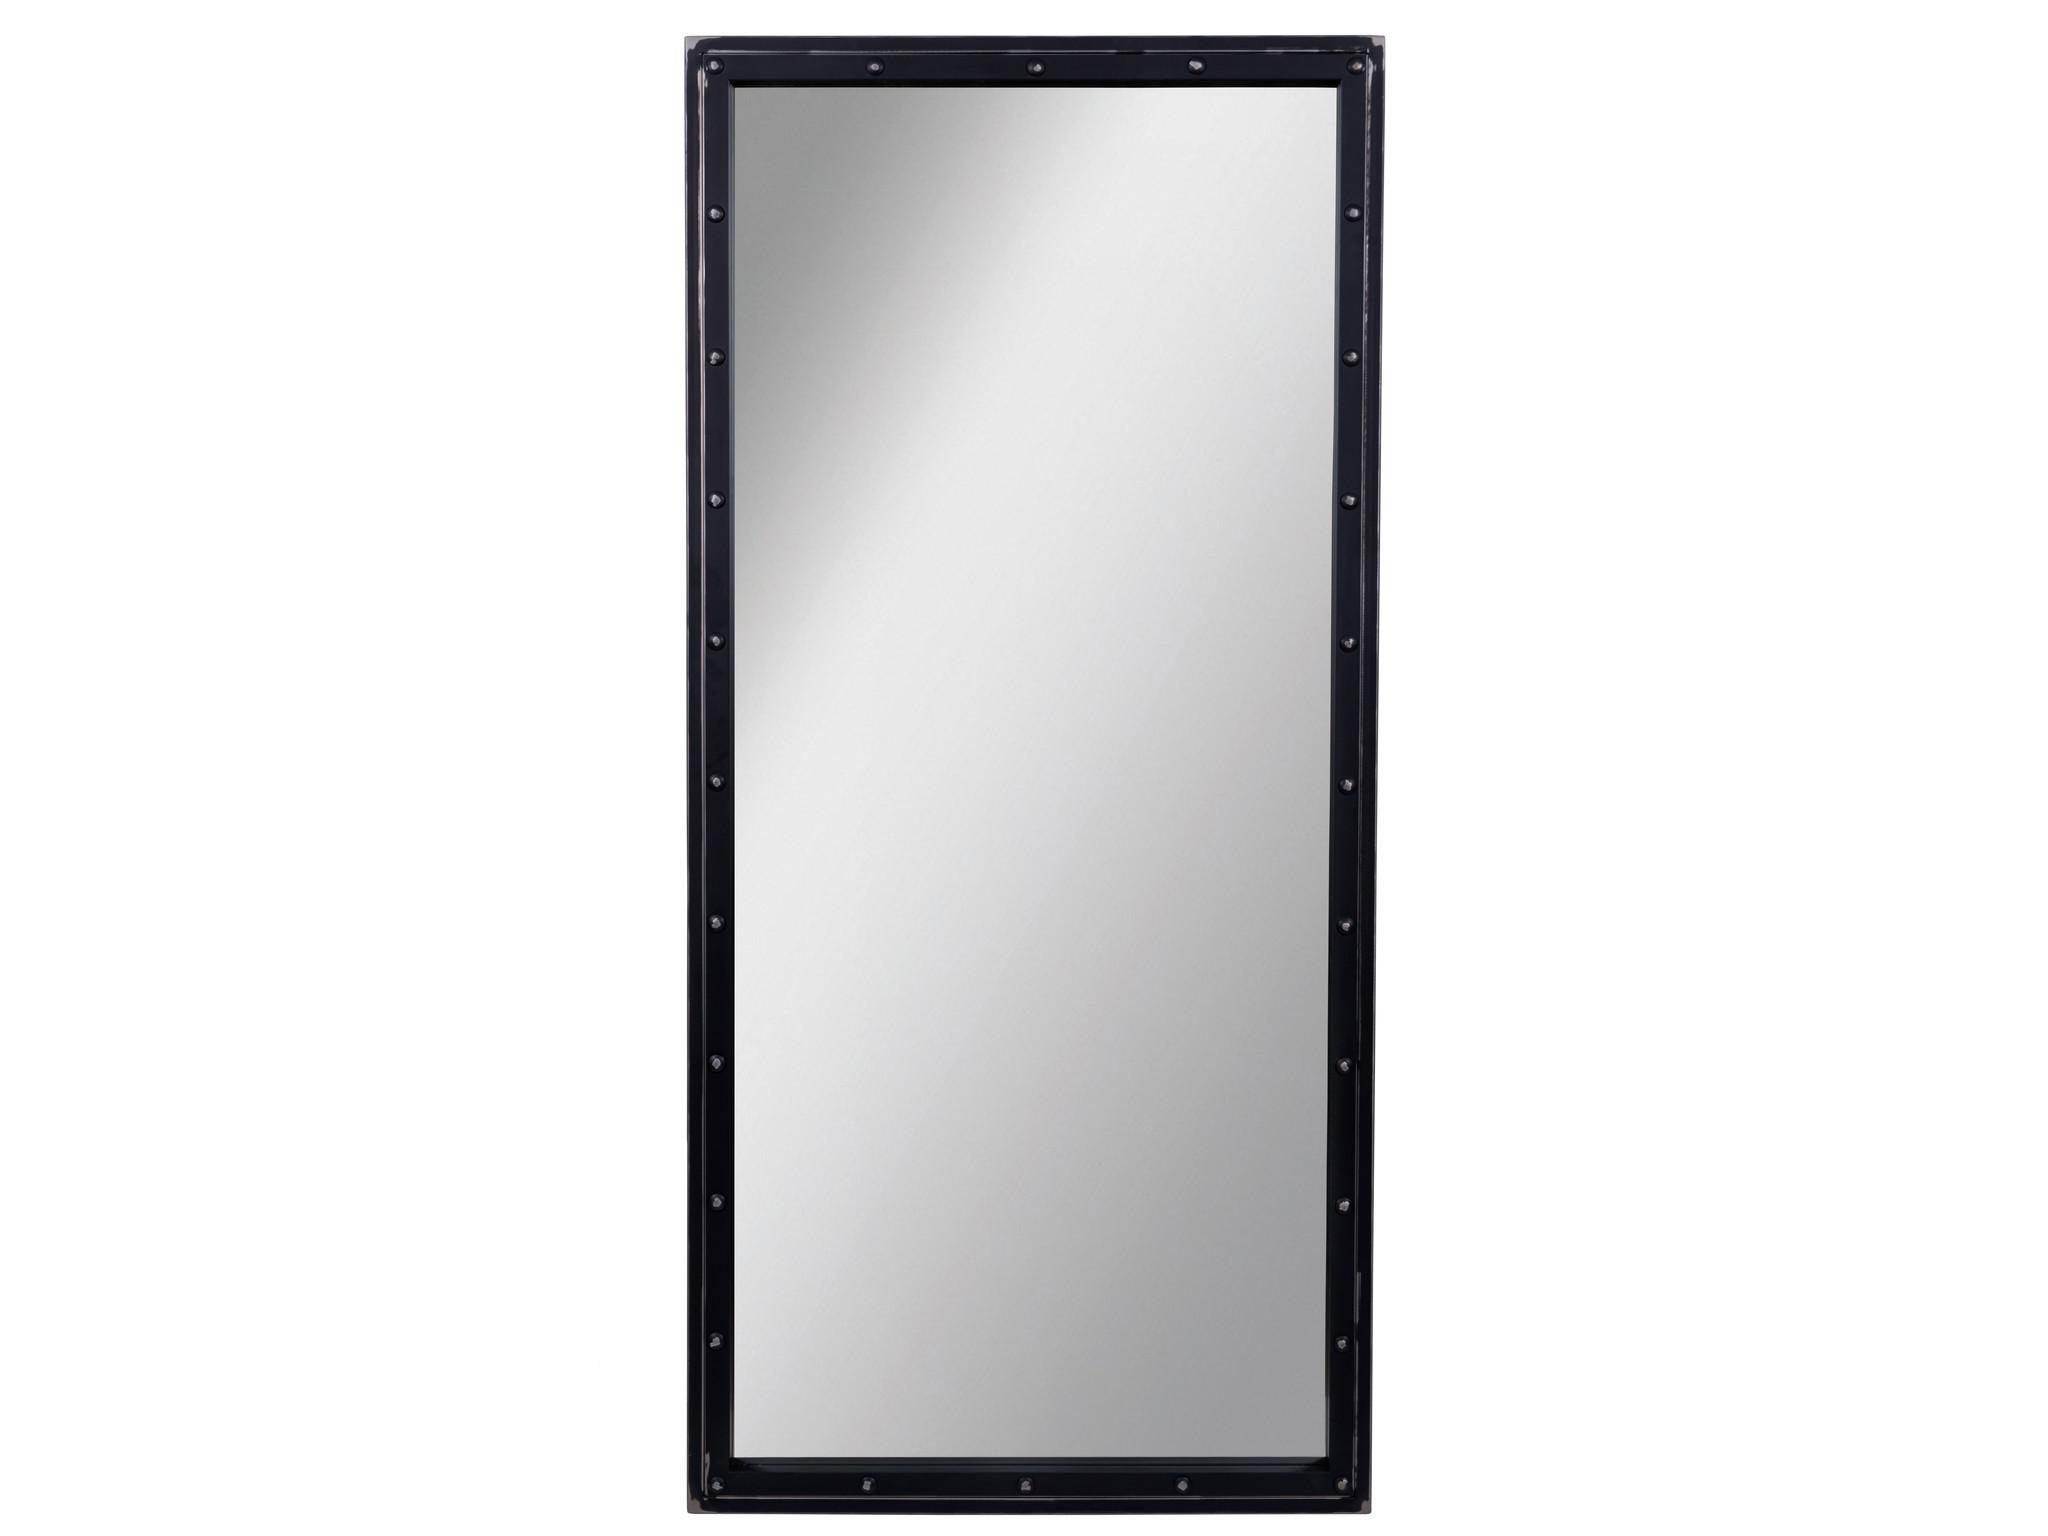 Зеркало Black OwlНастенные зеркала<br>&amp;lt;div&amp;gt;Навесное зеркало в прямоугольной стальной раме выполнено в лаконичном брутальном стиле. Призвано подчеркнуть твердый характер и независимость&amp;amp;nbsp; обладателя. Рама изготовлена из стали, тыльная сторона надежно предохраняет стекло от выдавливания, что делает продукт более безопасным. Стойкое покрытие позволяет использовать его даже в умеренно влажных помещениях. Упаковано в деревянный ящик.&amp;lt;/div&amp;gt;&amp;lt;div&amp;gt;&amp;lt;br&amp;gt;&amp;lt;/div&amp;gt;&amp;lt;div&amp;gt;Фабрика Black Owl выпускает дизайнерскую мебель из стали и дерева, разработанную с пристальным вниманием к деталям. На производстве используется современное оборудование, а для важных элементов – ручной труд опытных мастеров, поэтому мебель Black Owl с полным правом можно назвать крафтовой.&amp;lt;/div&amp;gt;<br><br>Material: Металл<br>Ширина см: 170.0<br>Высота см: 80.0<br>Глубина см: 4.0